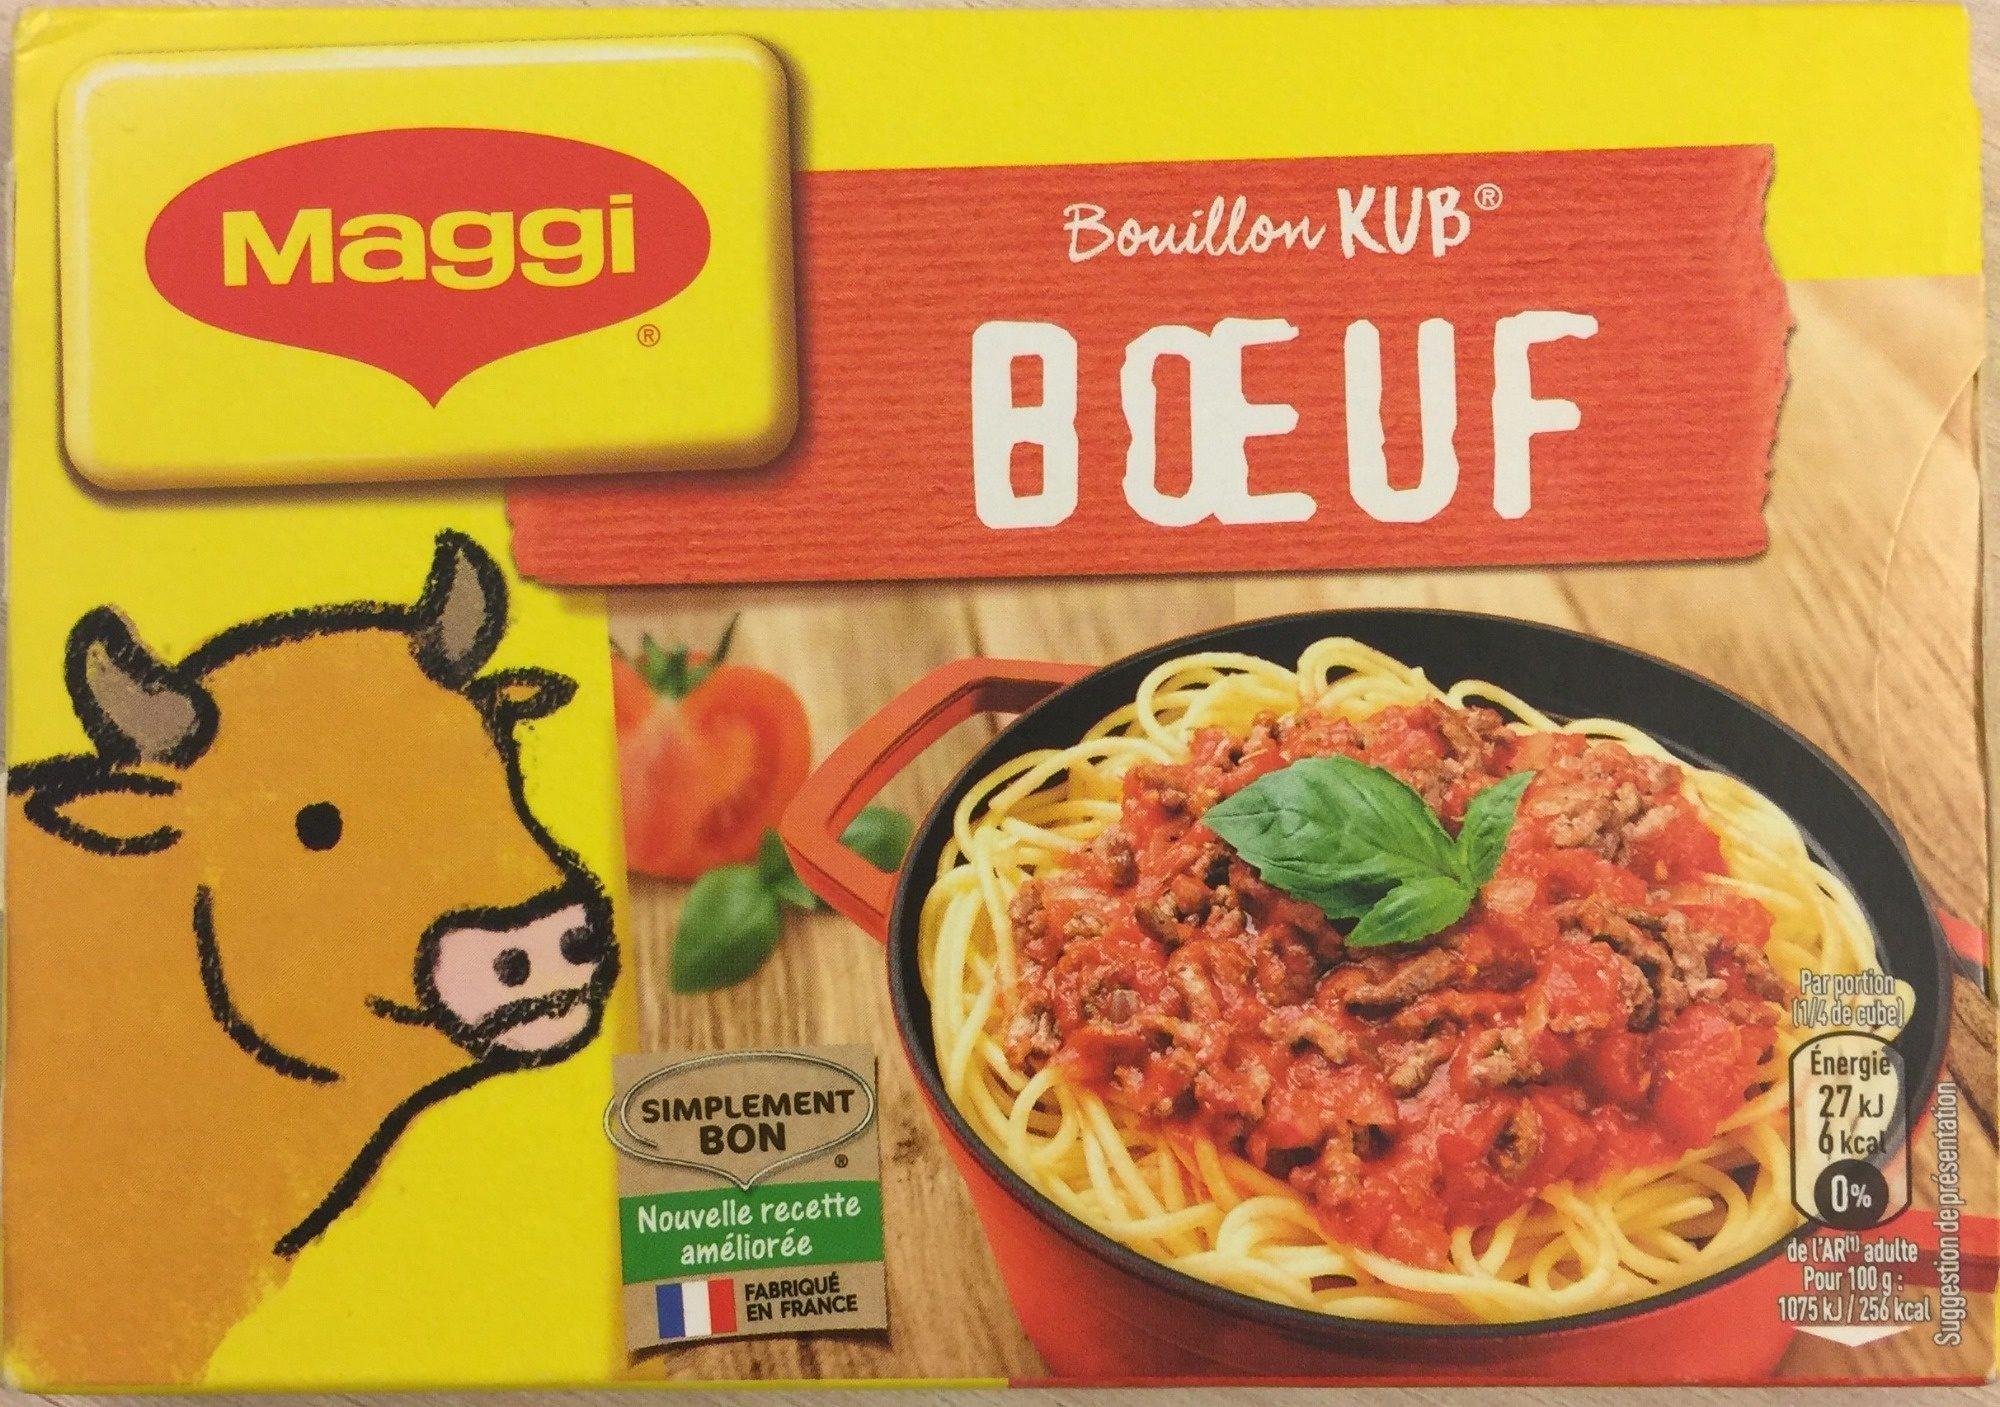 Bouillon Kub Bœuf (18 cubes) - Product - fr